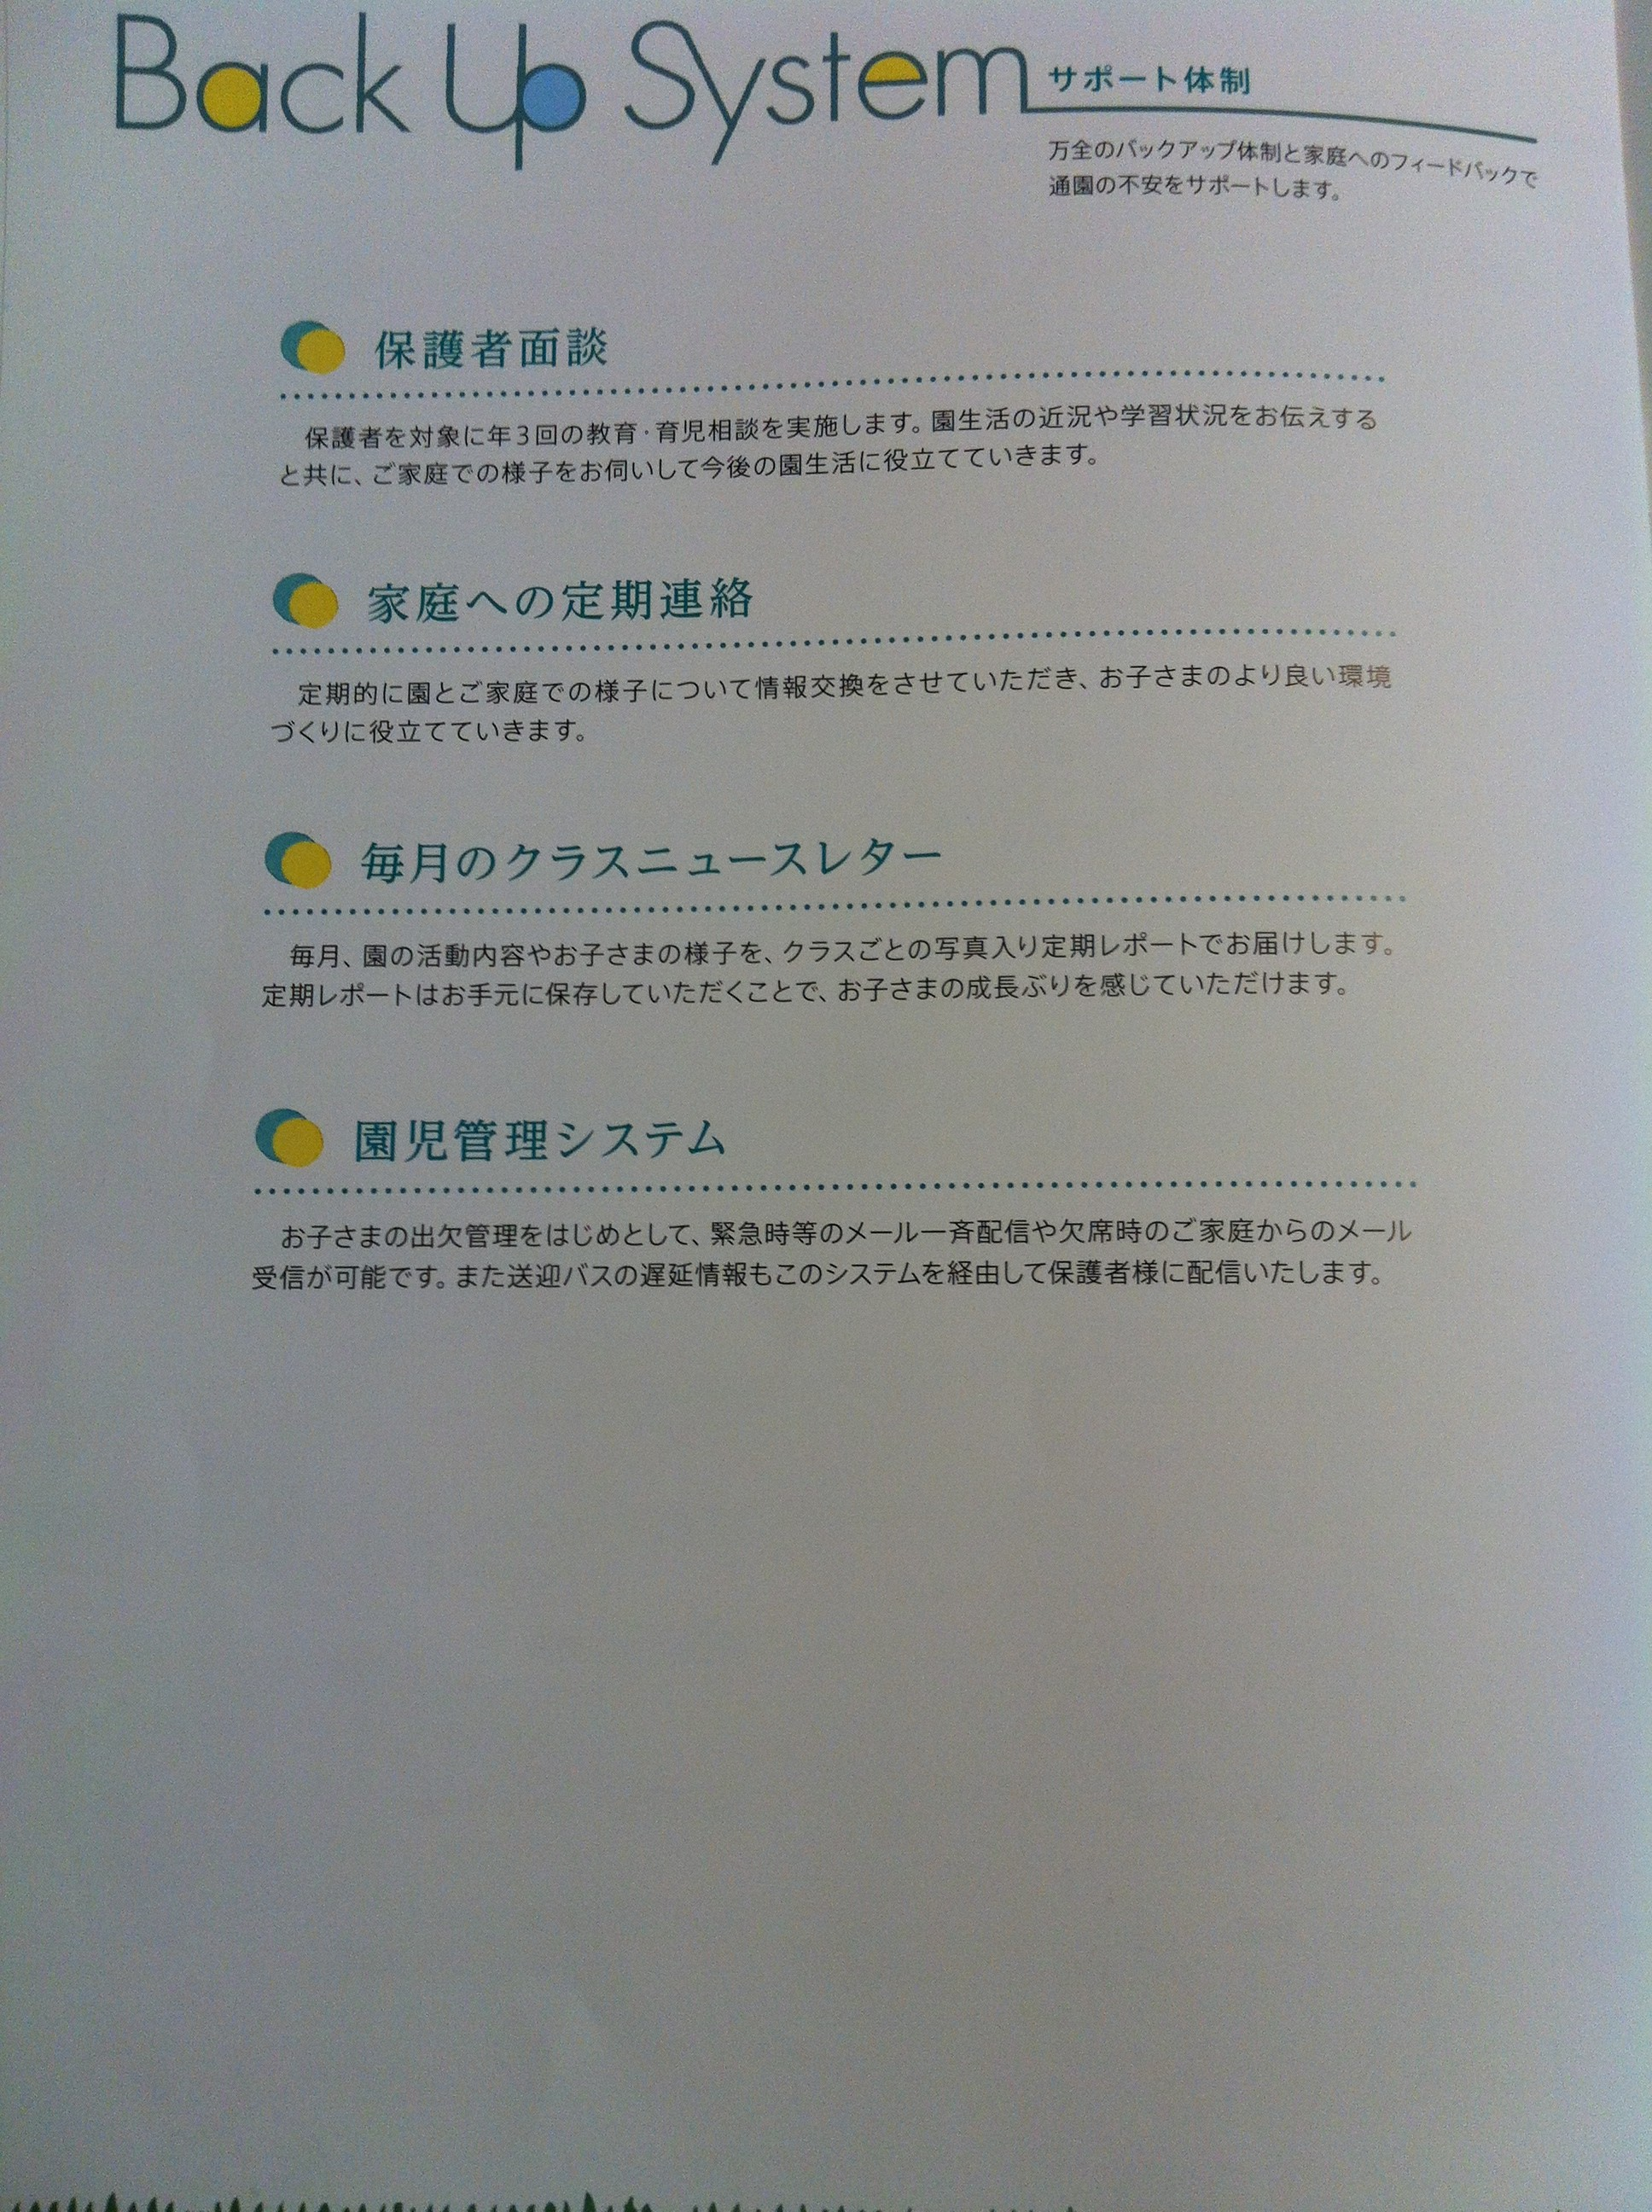 キッズデュオ(kids duo)の説明会で配られたパンフレット19ページ目の画像キャプチャ